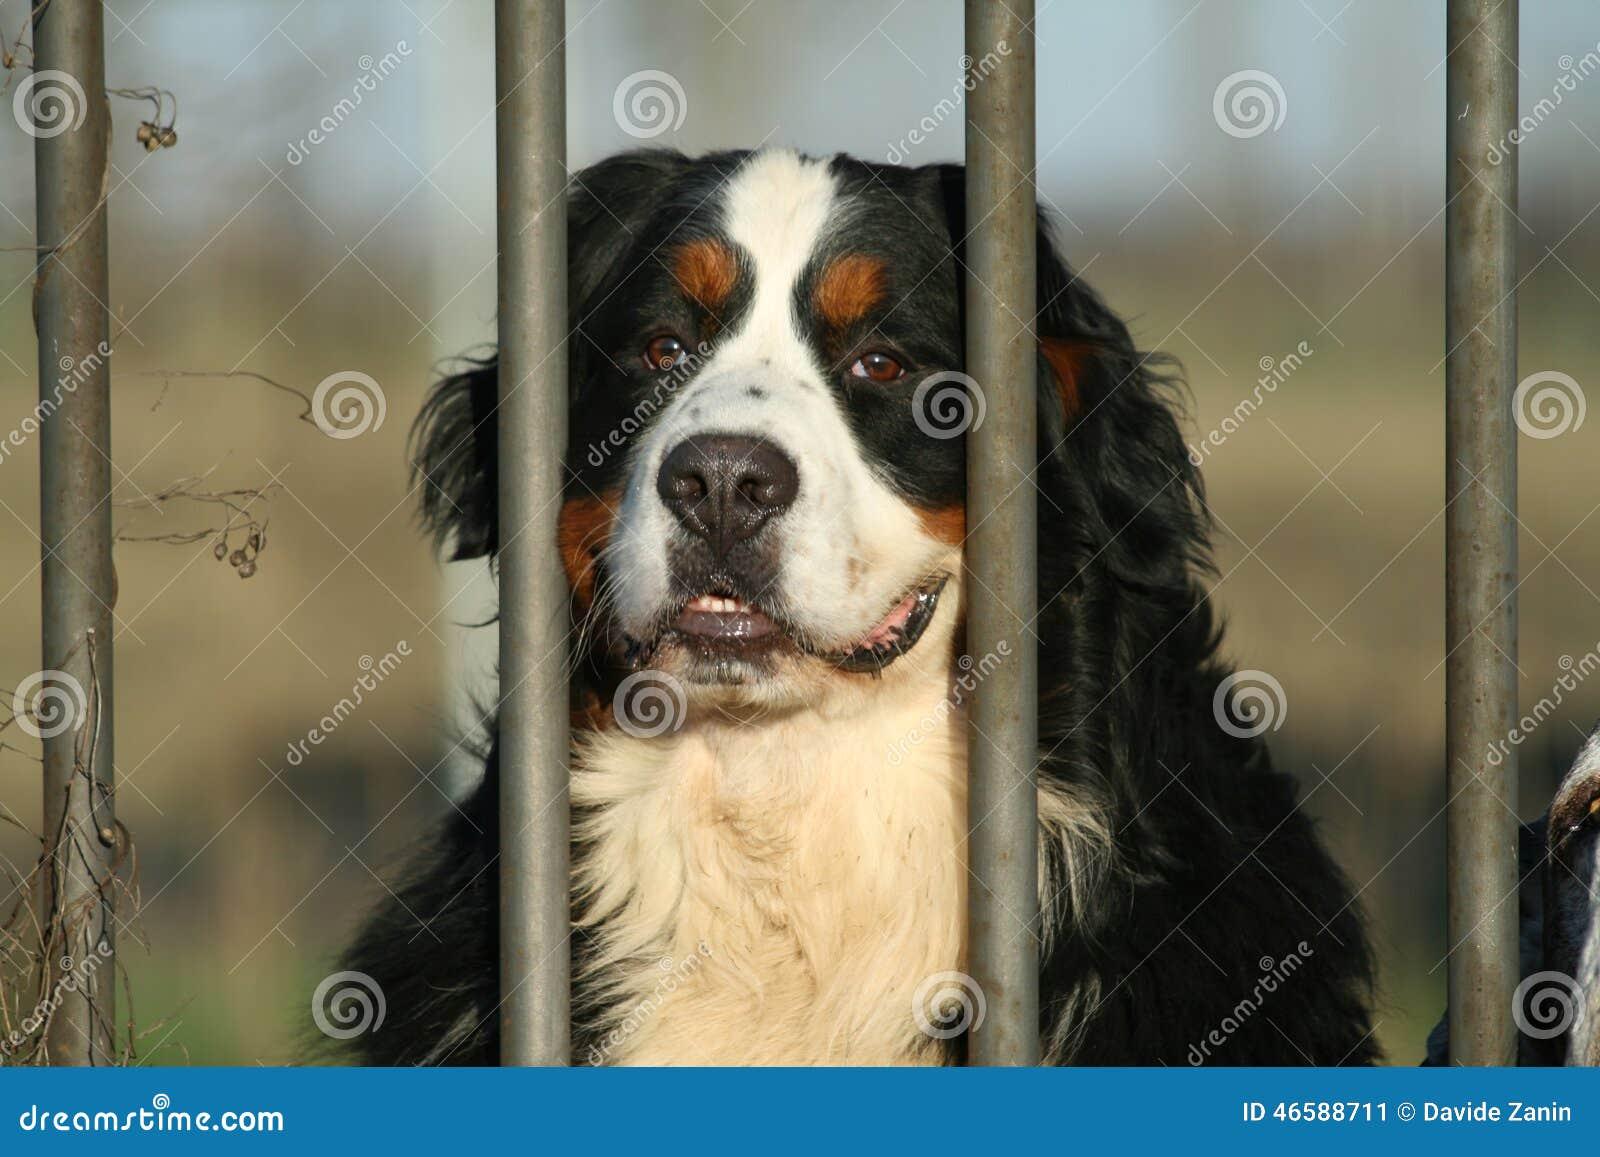 dog breeds herding dog breeds short haired dog breeds list healthy dog ...